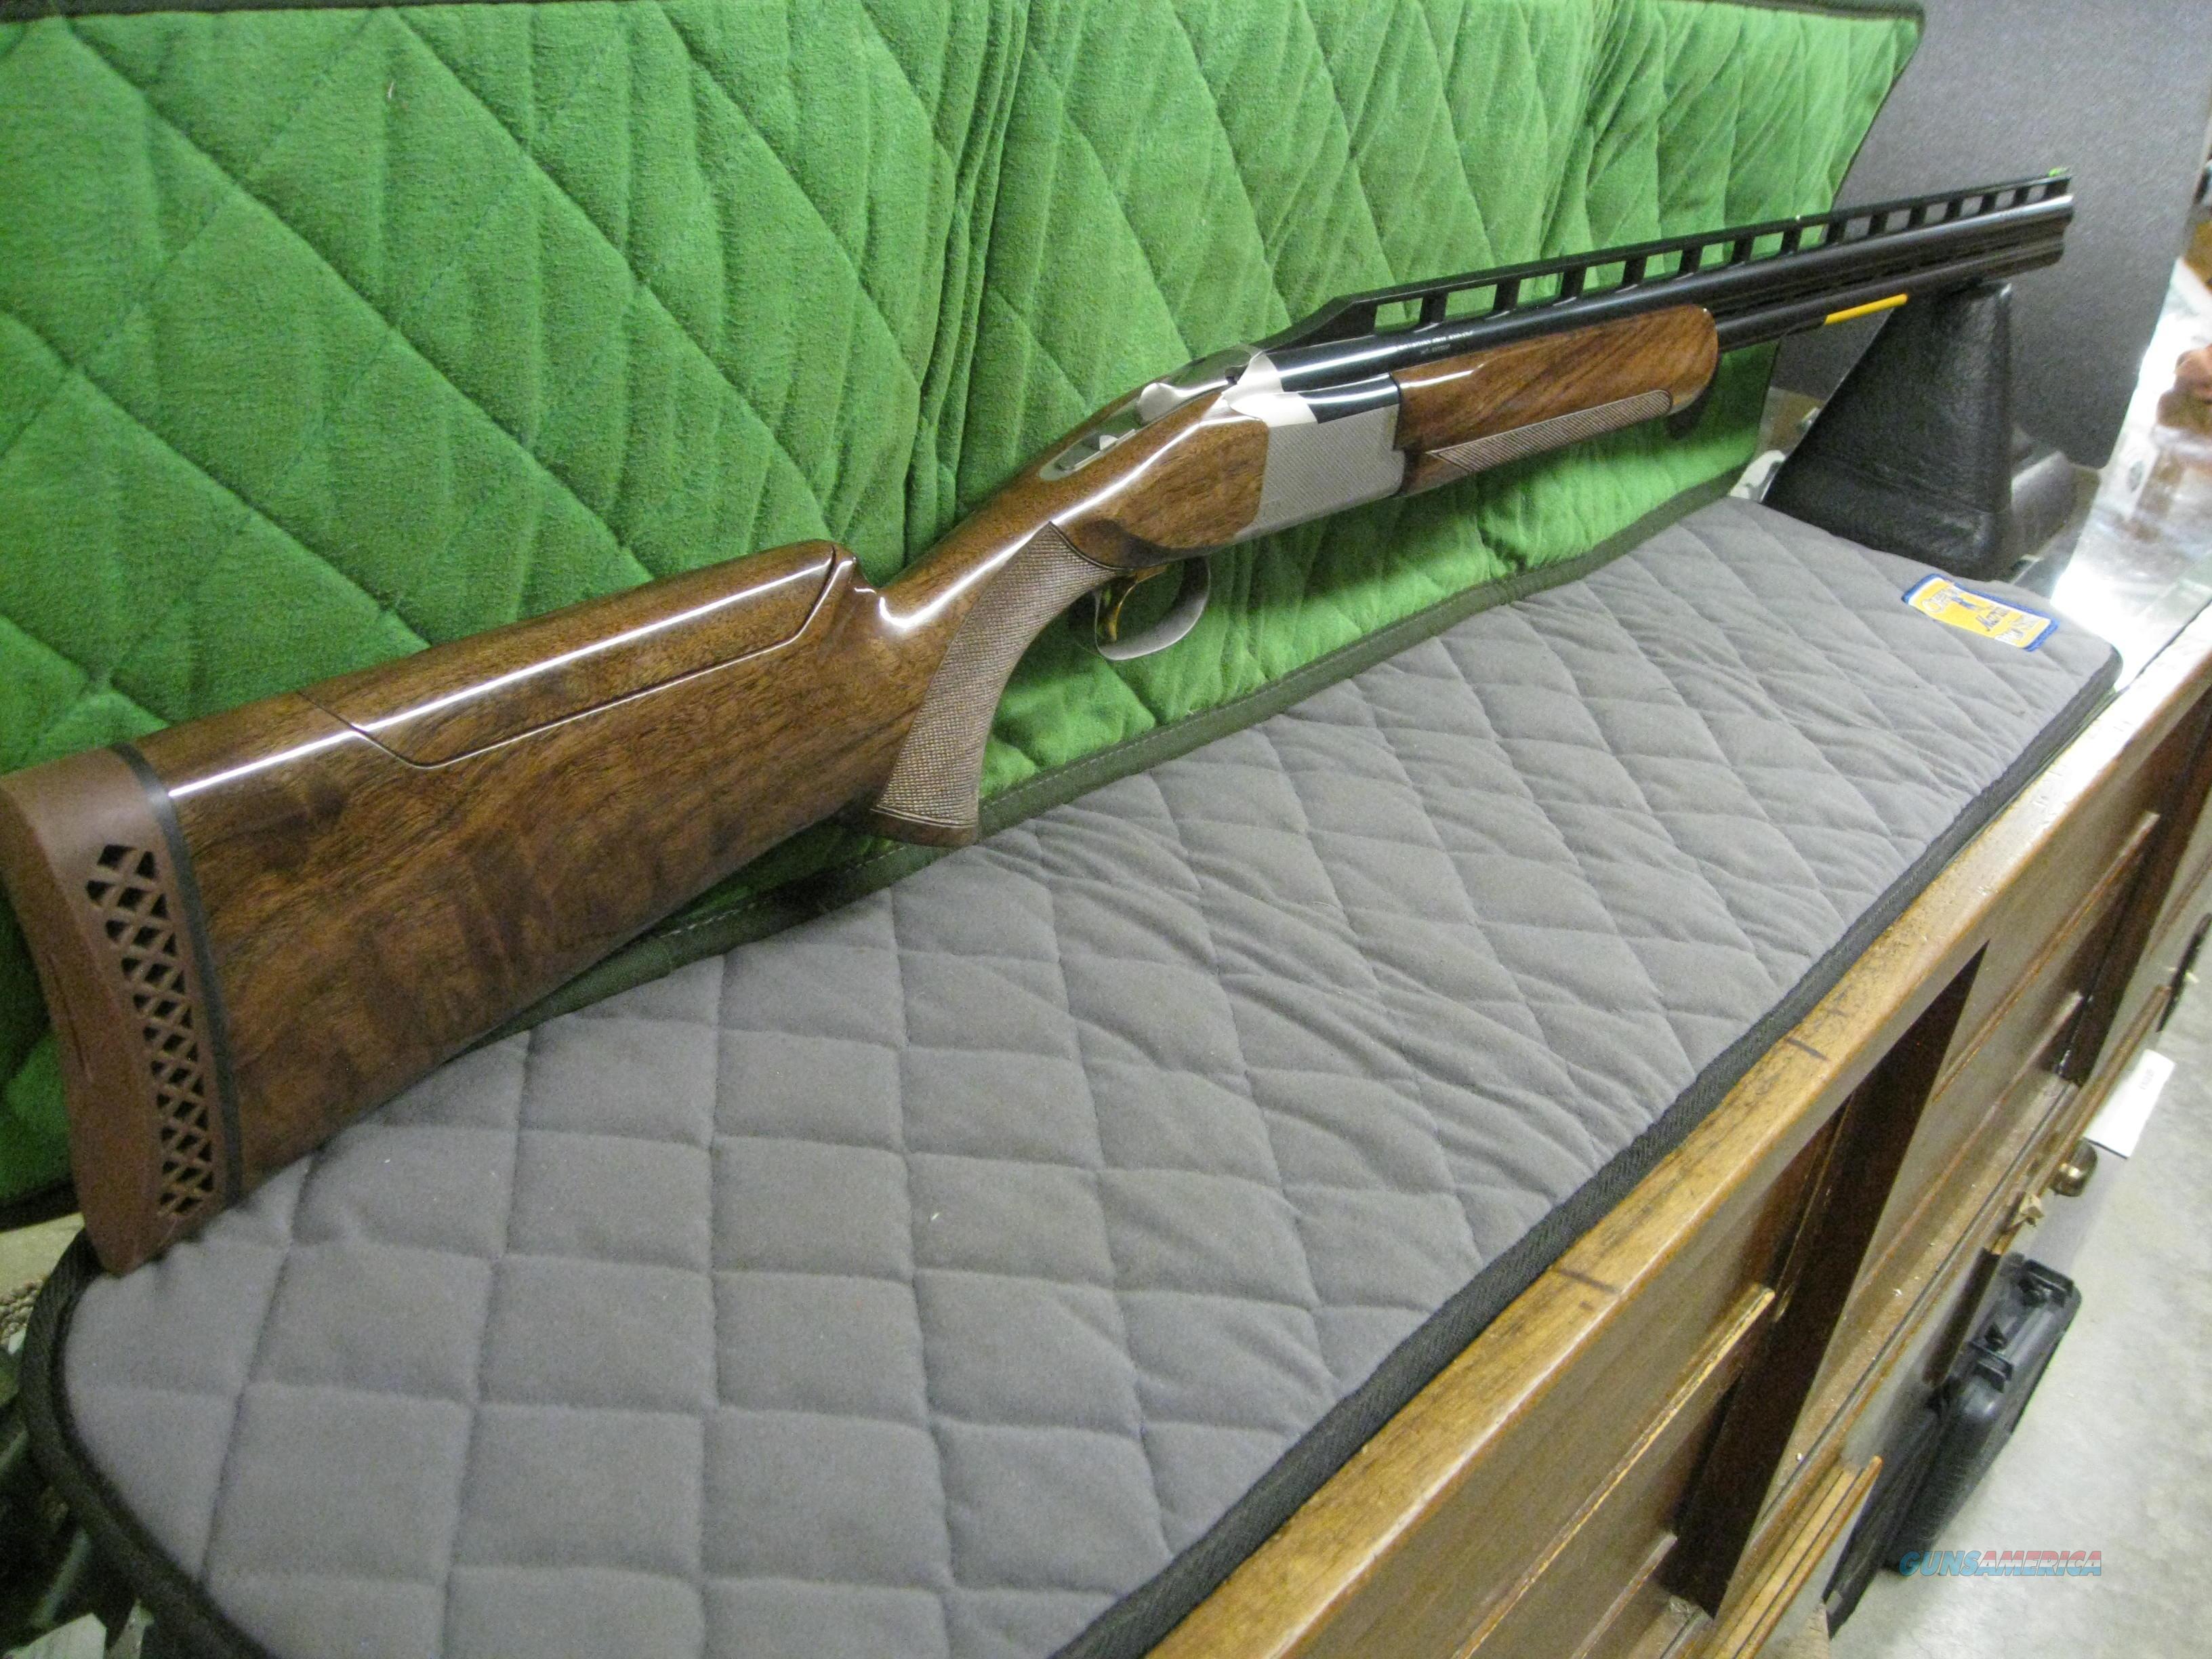 Browning Citori 725 Trap LH 12 GA 32 Inch w/ Adj. Stock  **N0 CC FEES** 0135823009  Guns > Shotguns > Browning Shotguns > Over Unders > Citori > Trap/Skeet